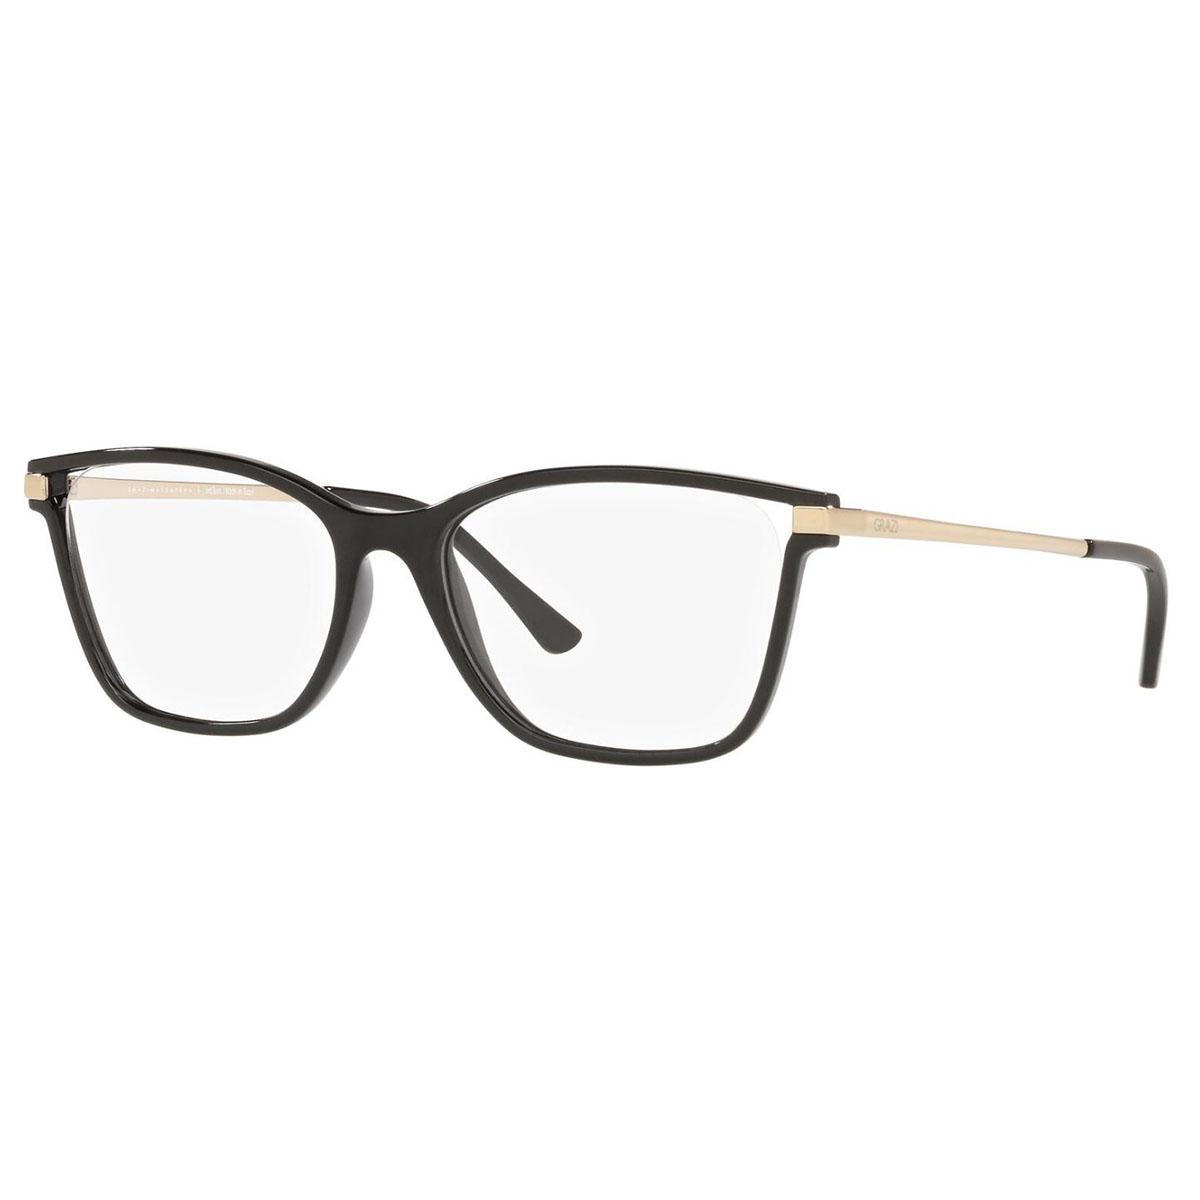 Armação de Grau Grazi Eyewear GZ3068 Preto Brilho Tamanho 53